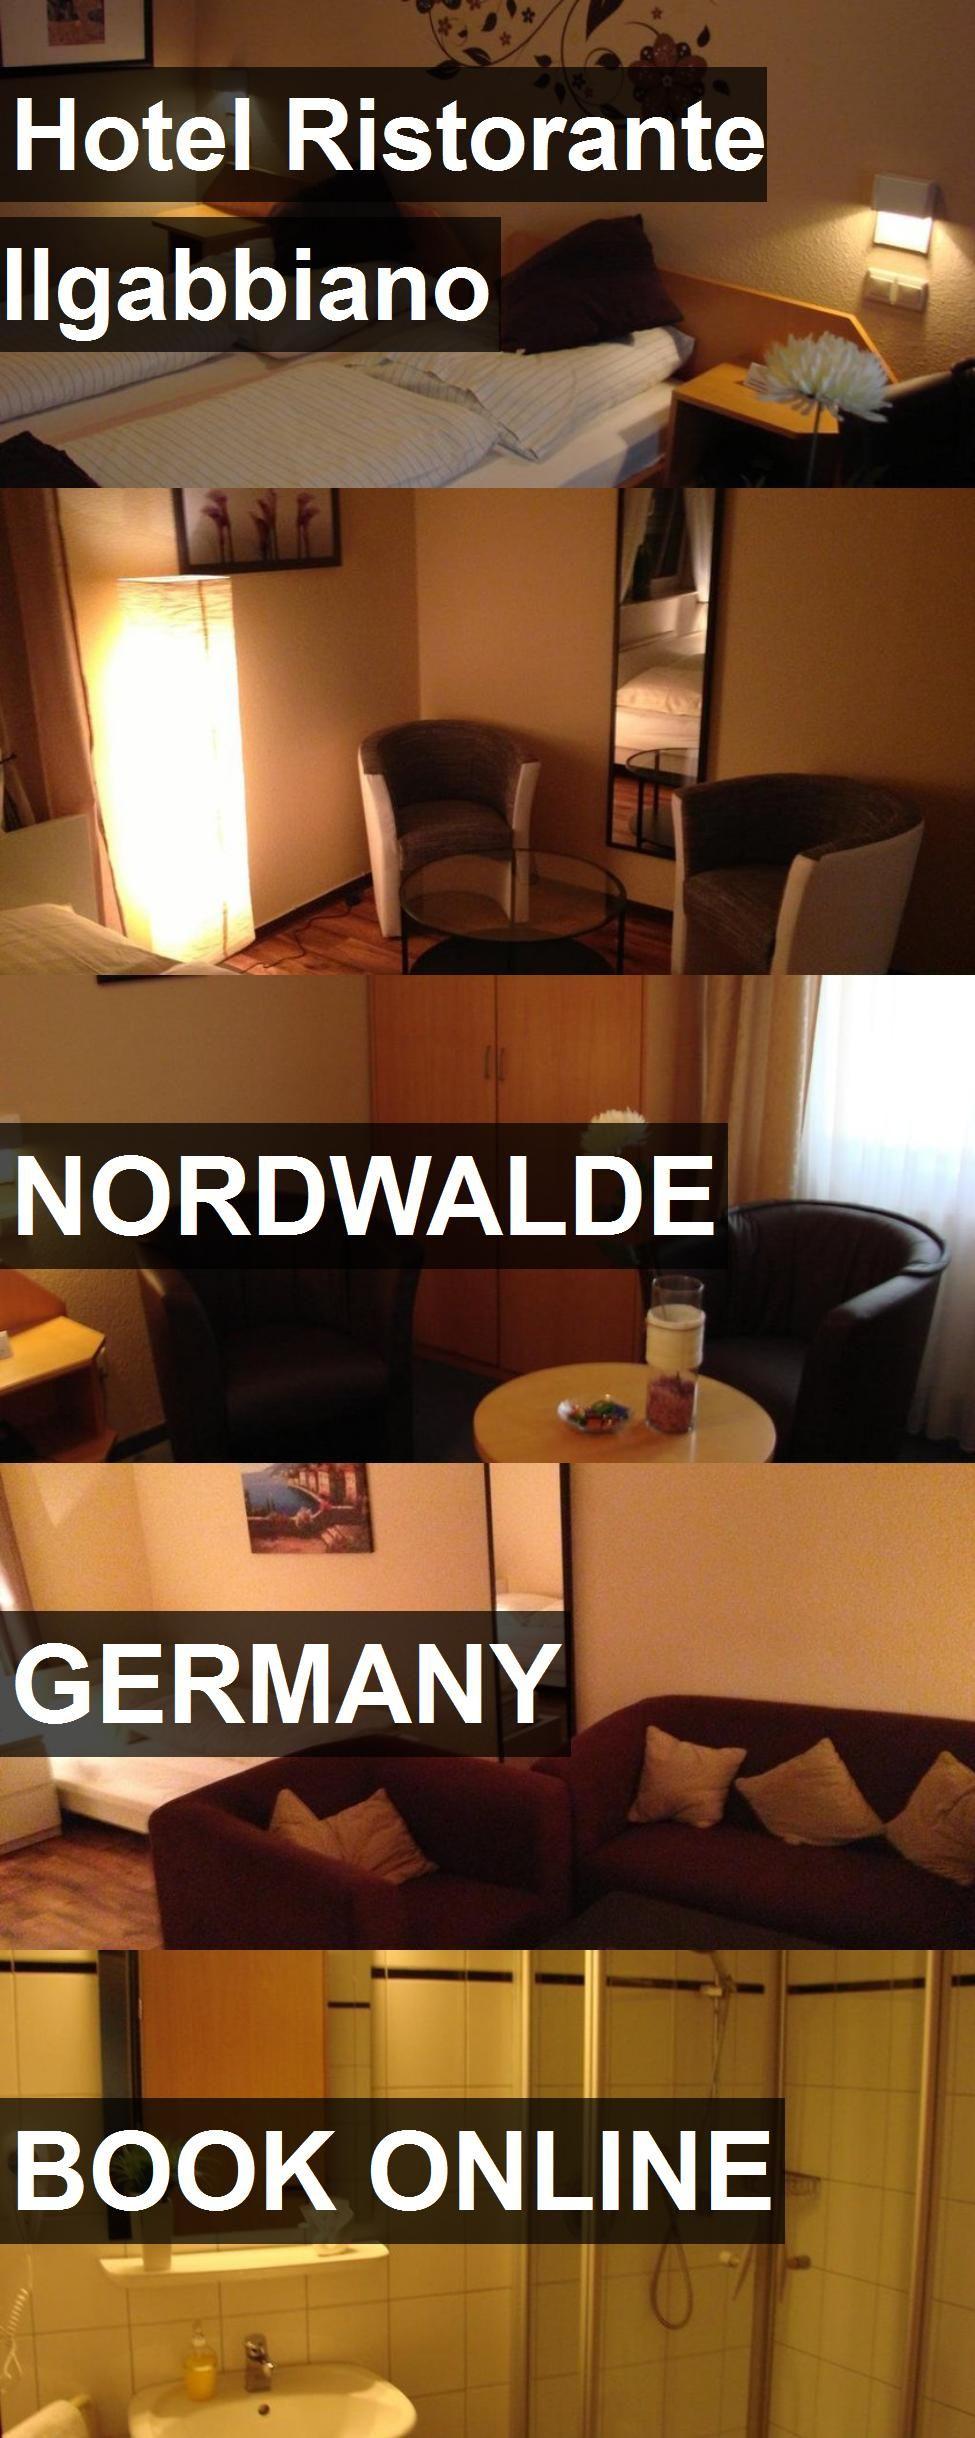 Hotel Ristorante Ilgabbiano in Nordwalde, Germany. For